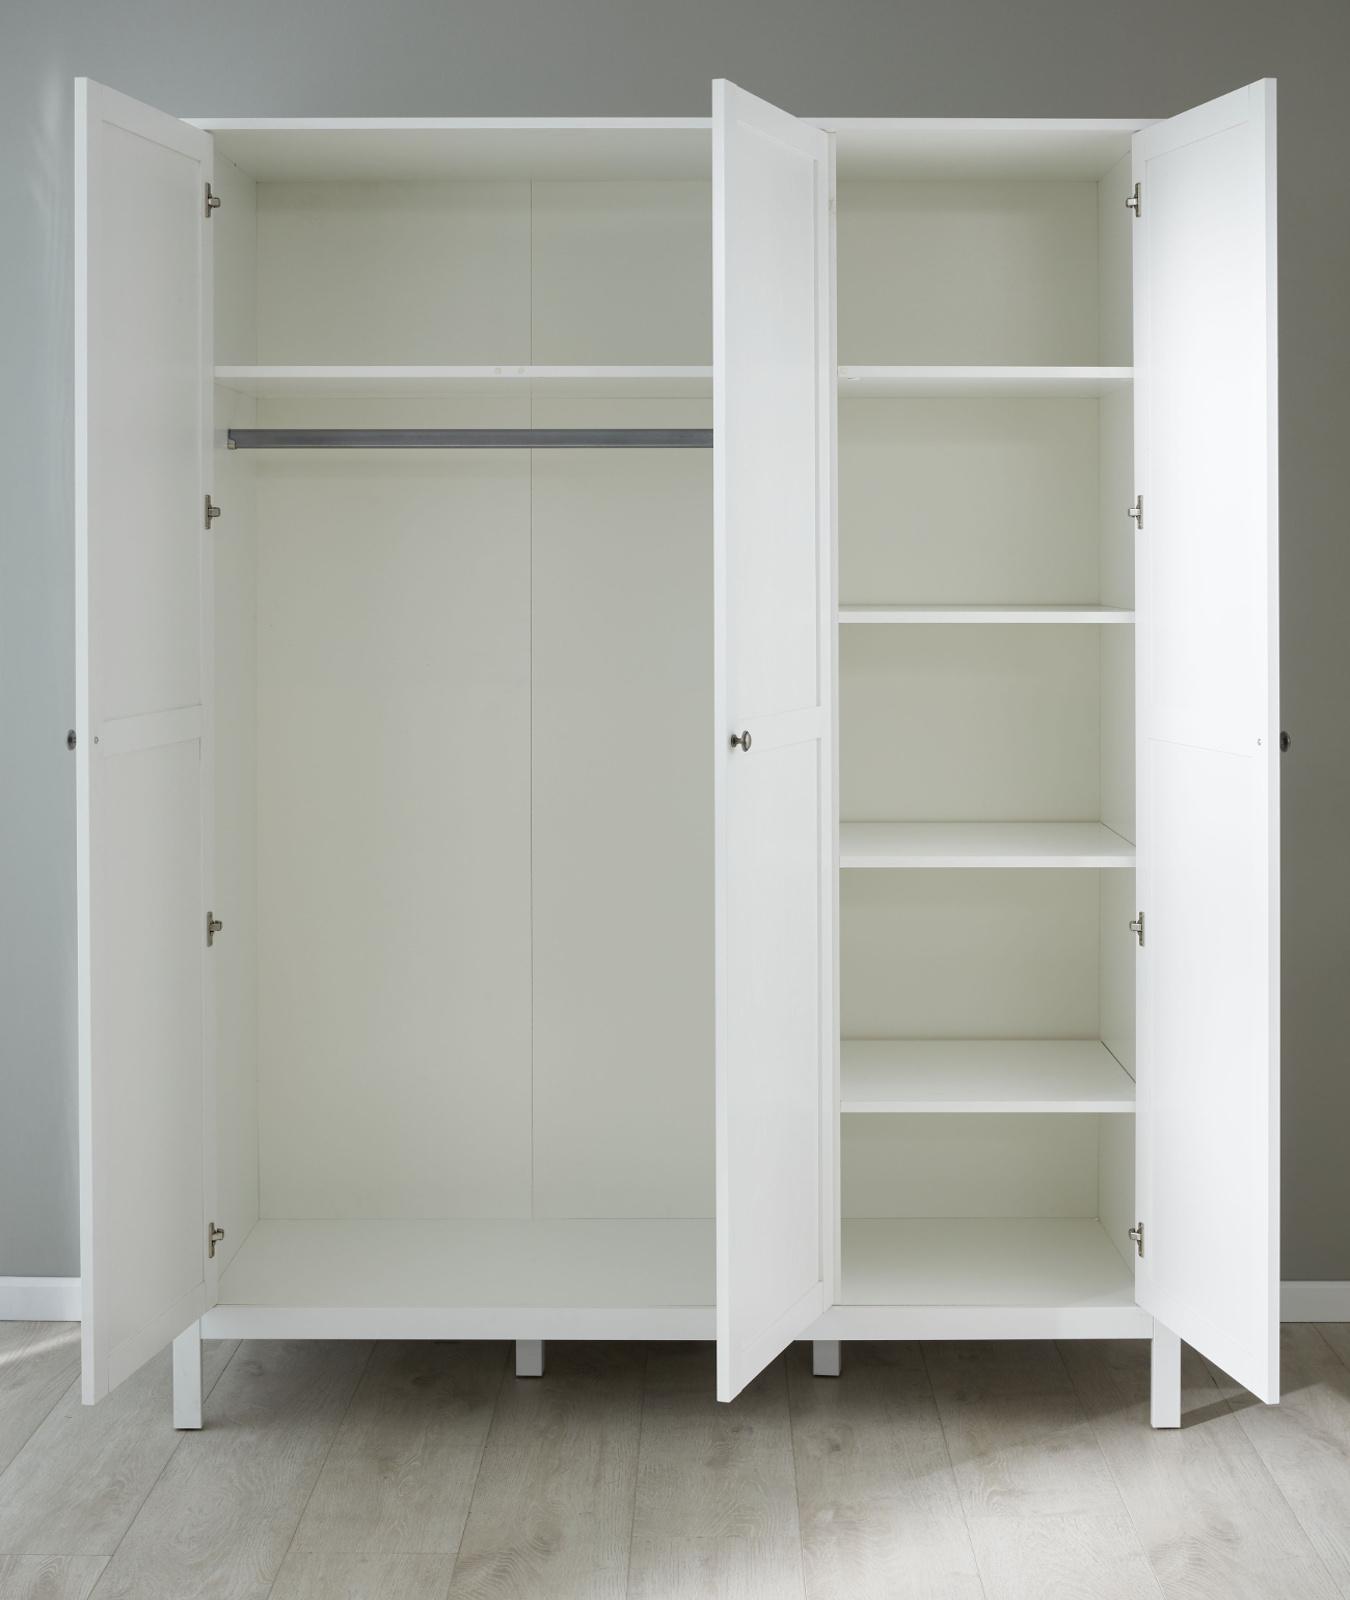 Kinderzimmer Jugendzimmer Komplett Set Ole 4 Teilig In Landhaus Weiß Mit Bett Schrank Schreibtisch Und Nachttisch